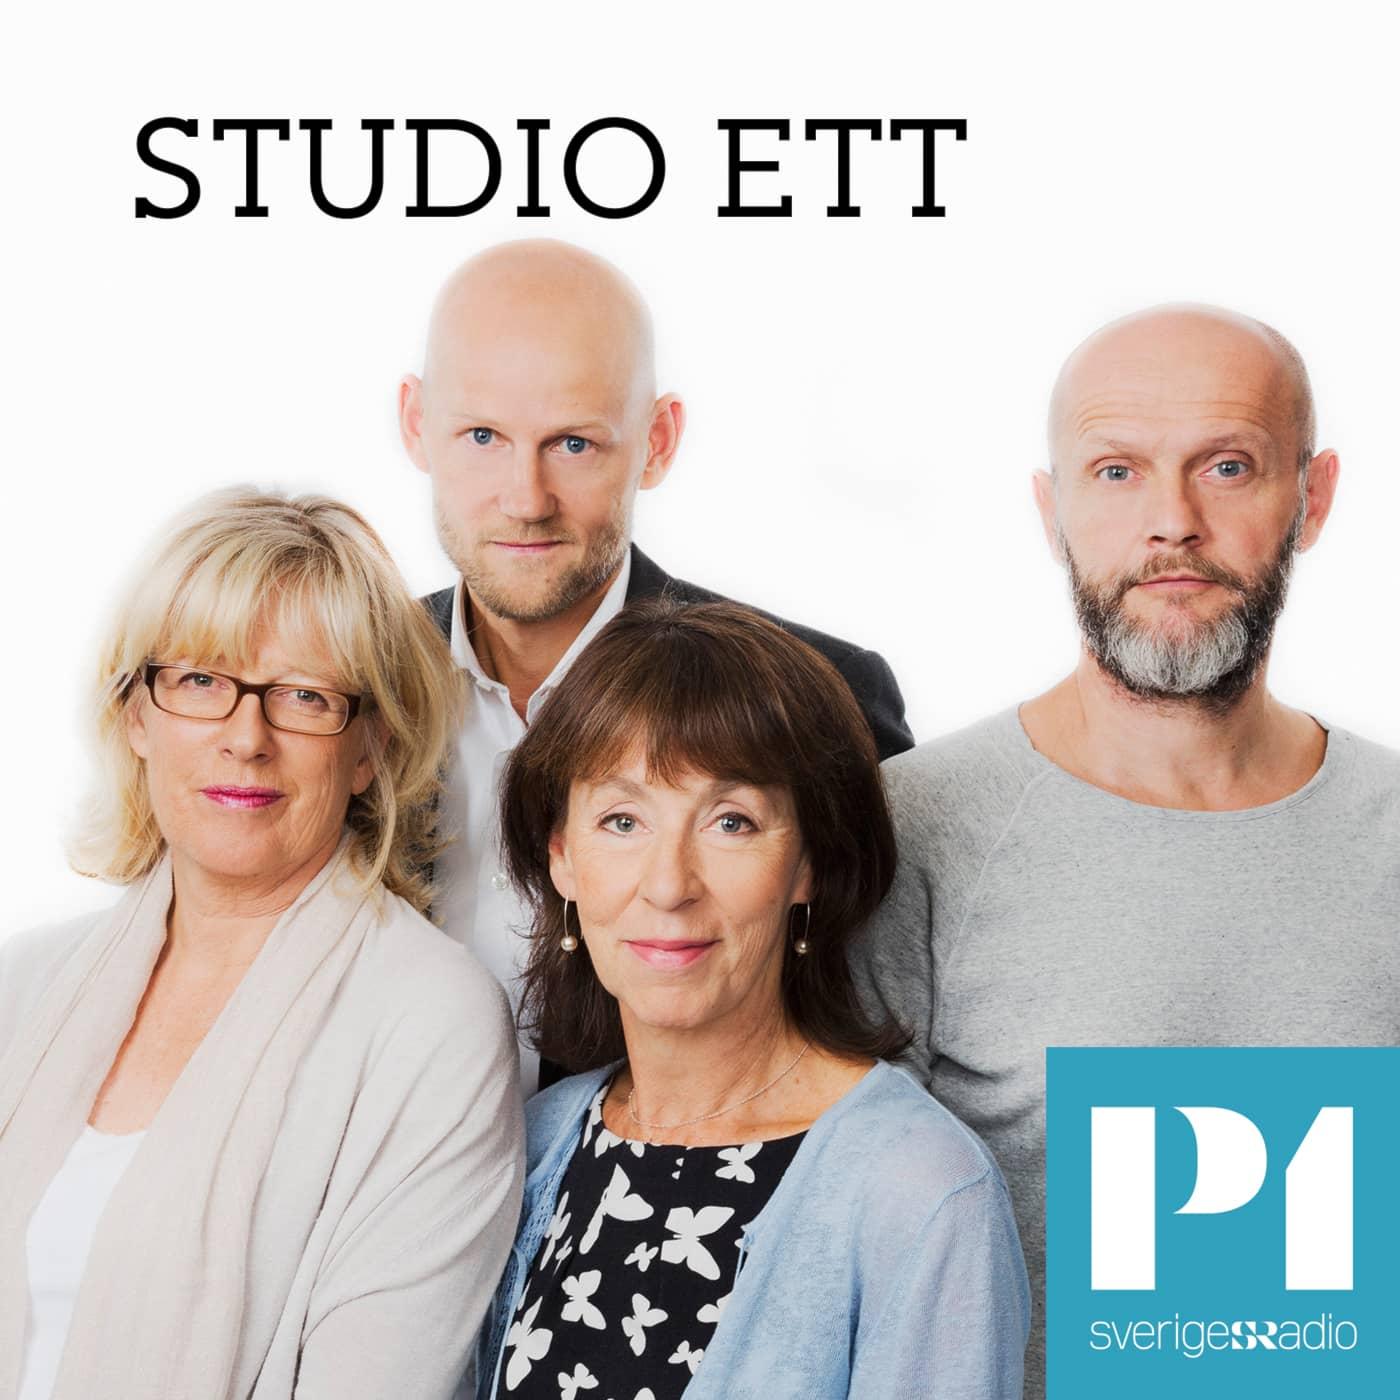 Studio Ett